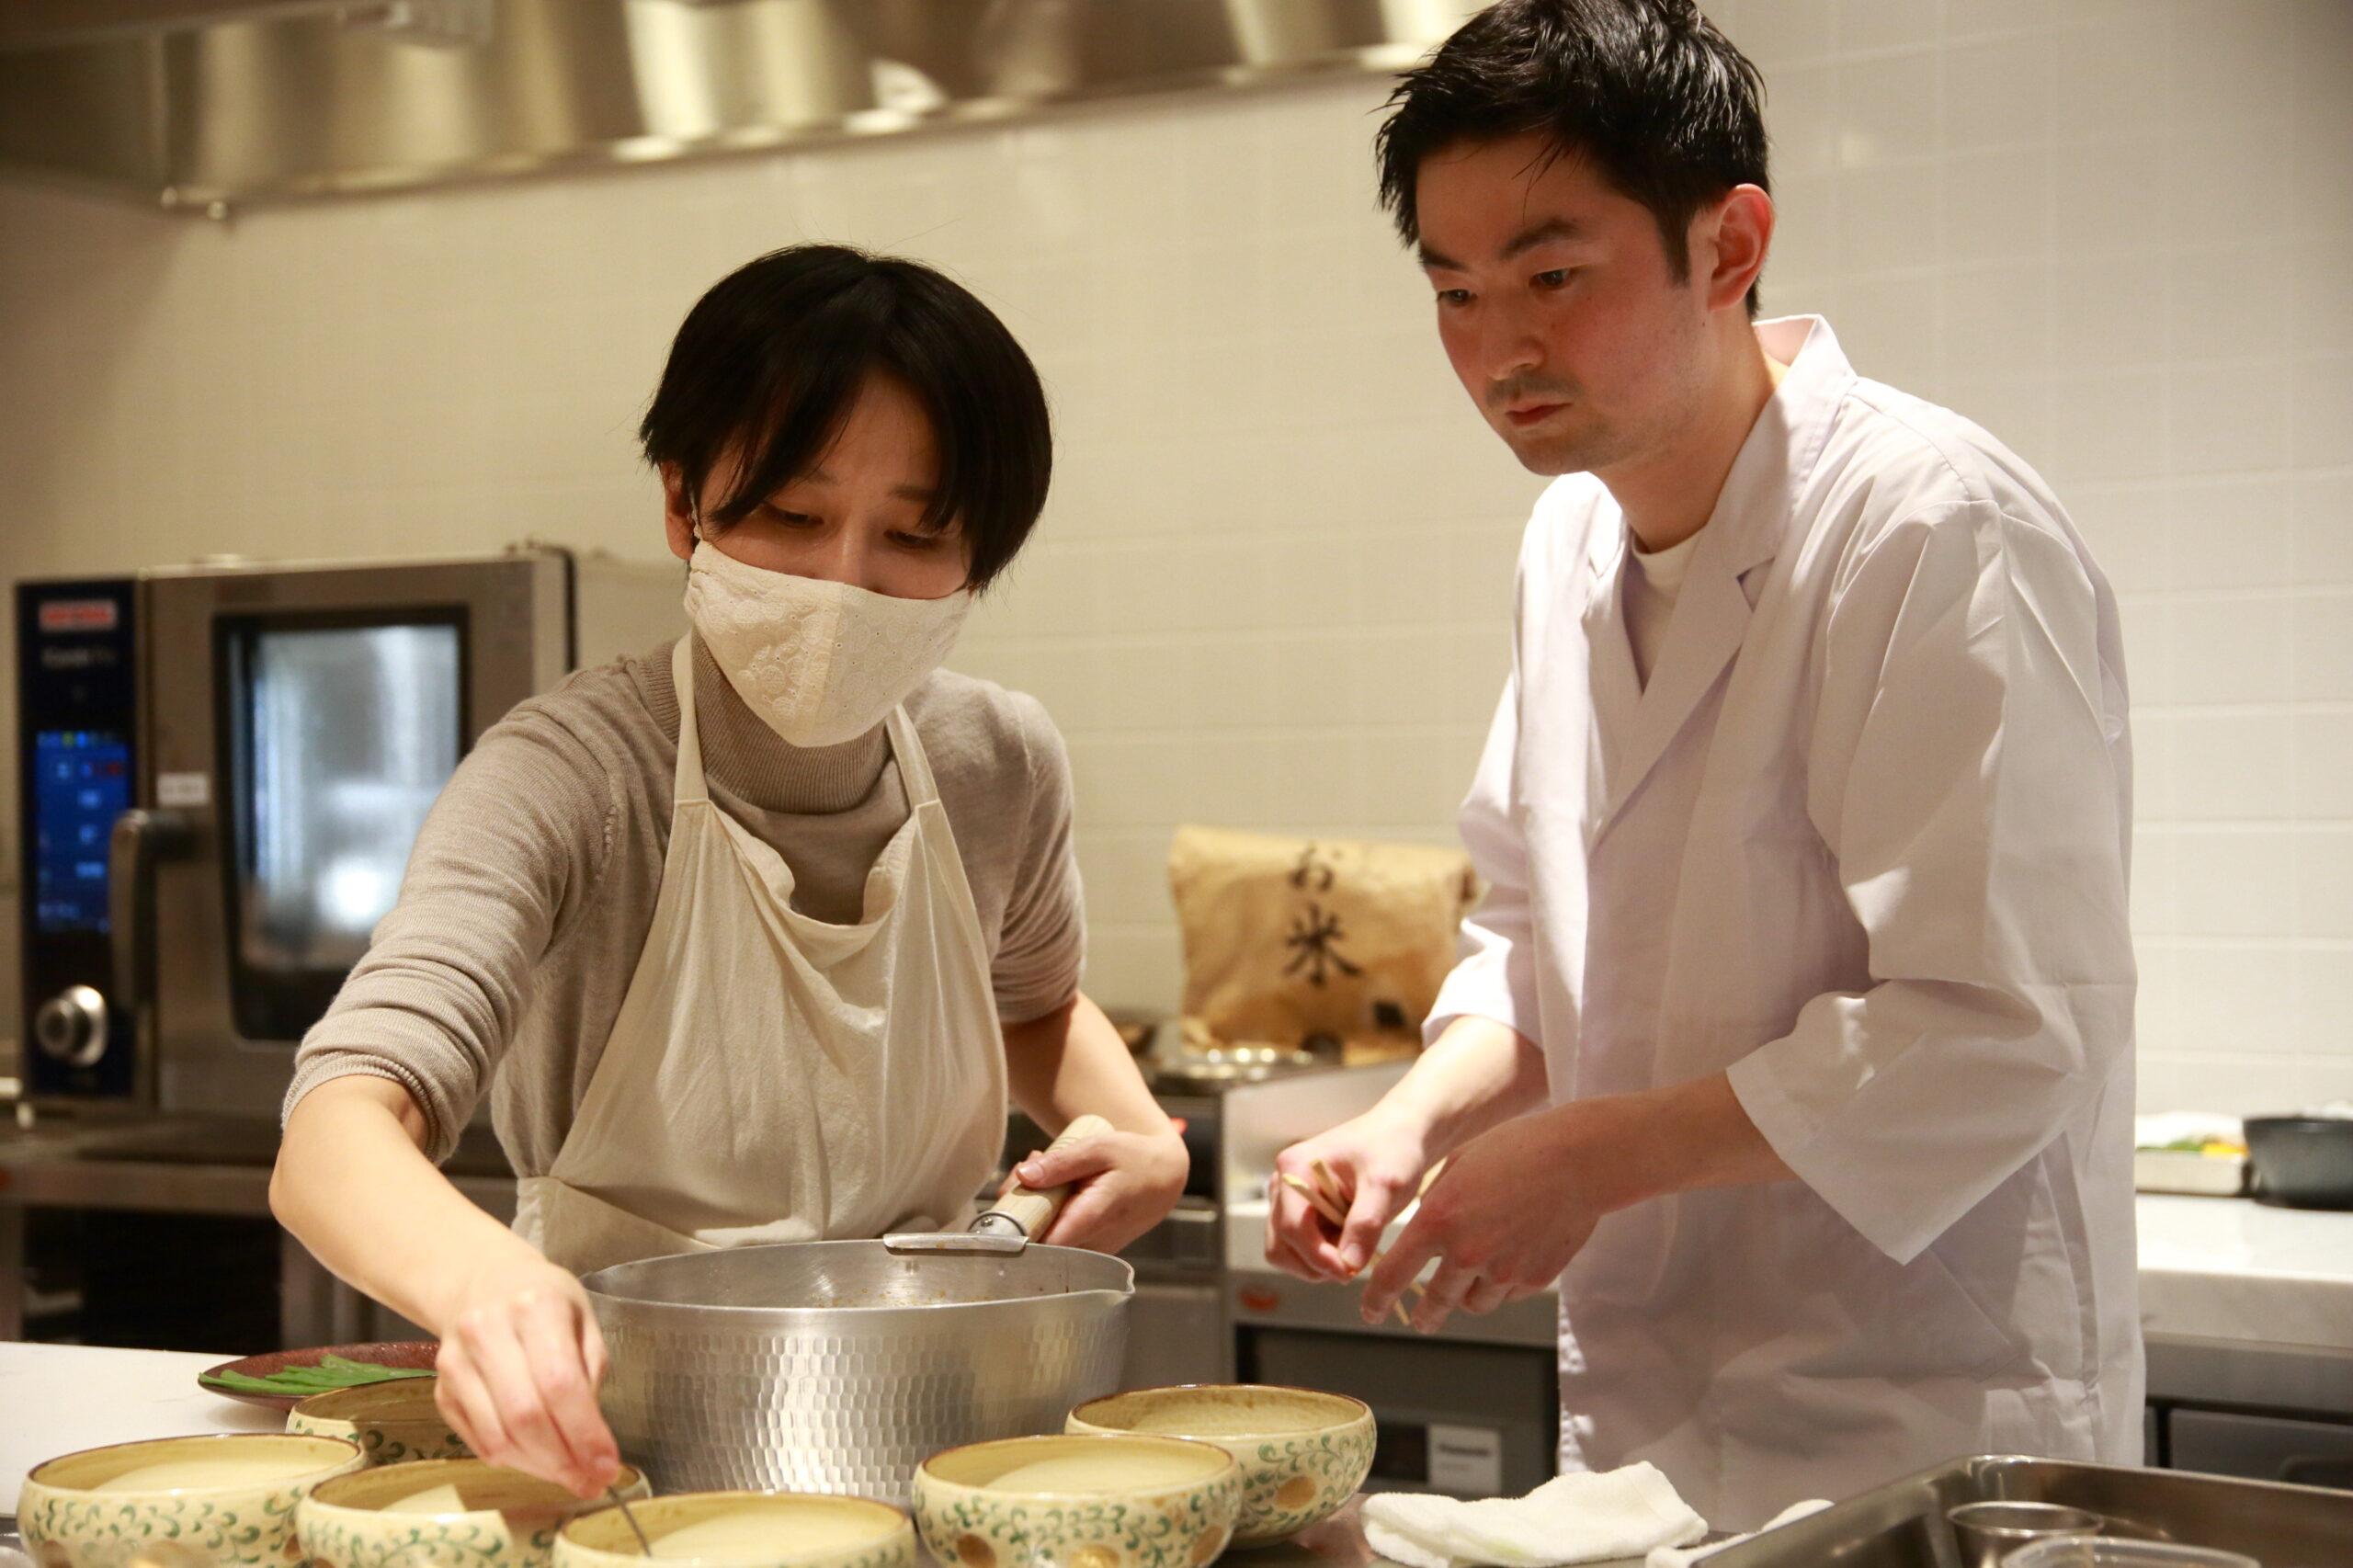 酒井さんとパートナーの愛さんがともに料理をしている写真